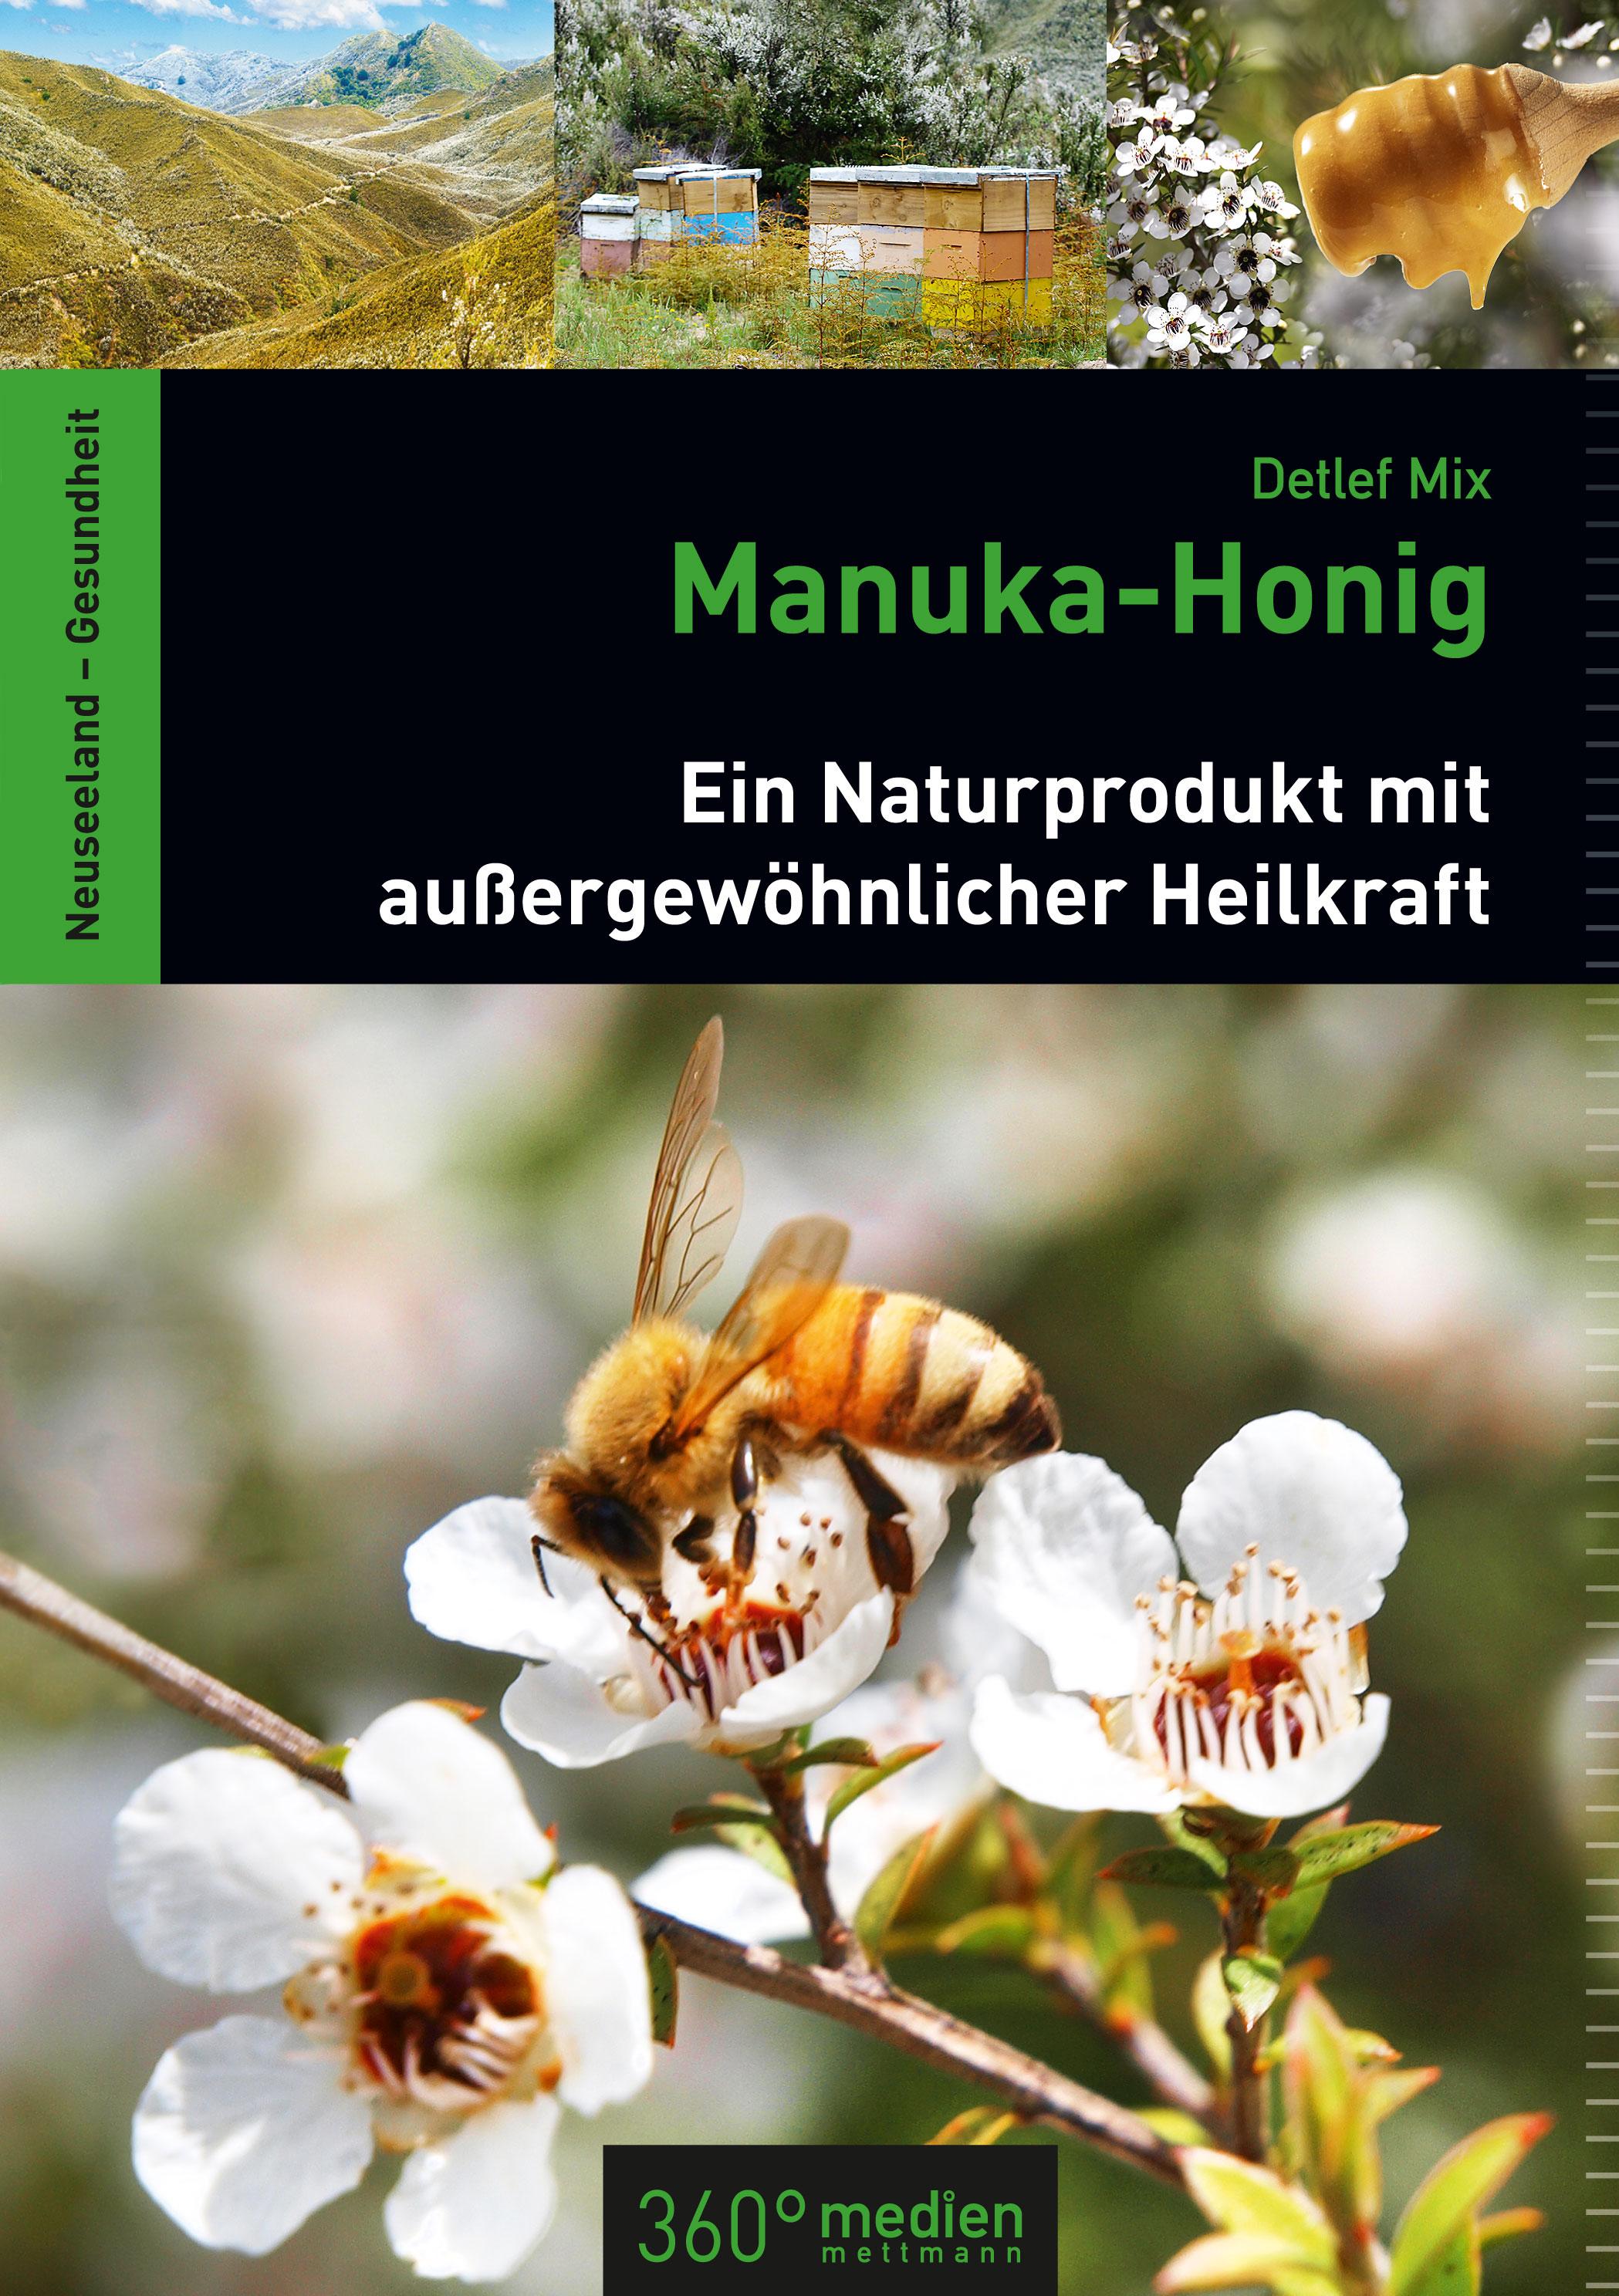 Manuka-Honig: Ein Naturprodukt mit außergewöhnlicher Heilkraft - Mix Detlef